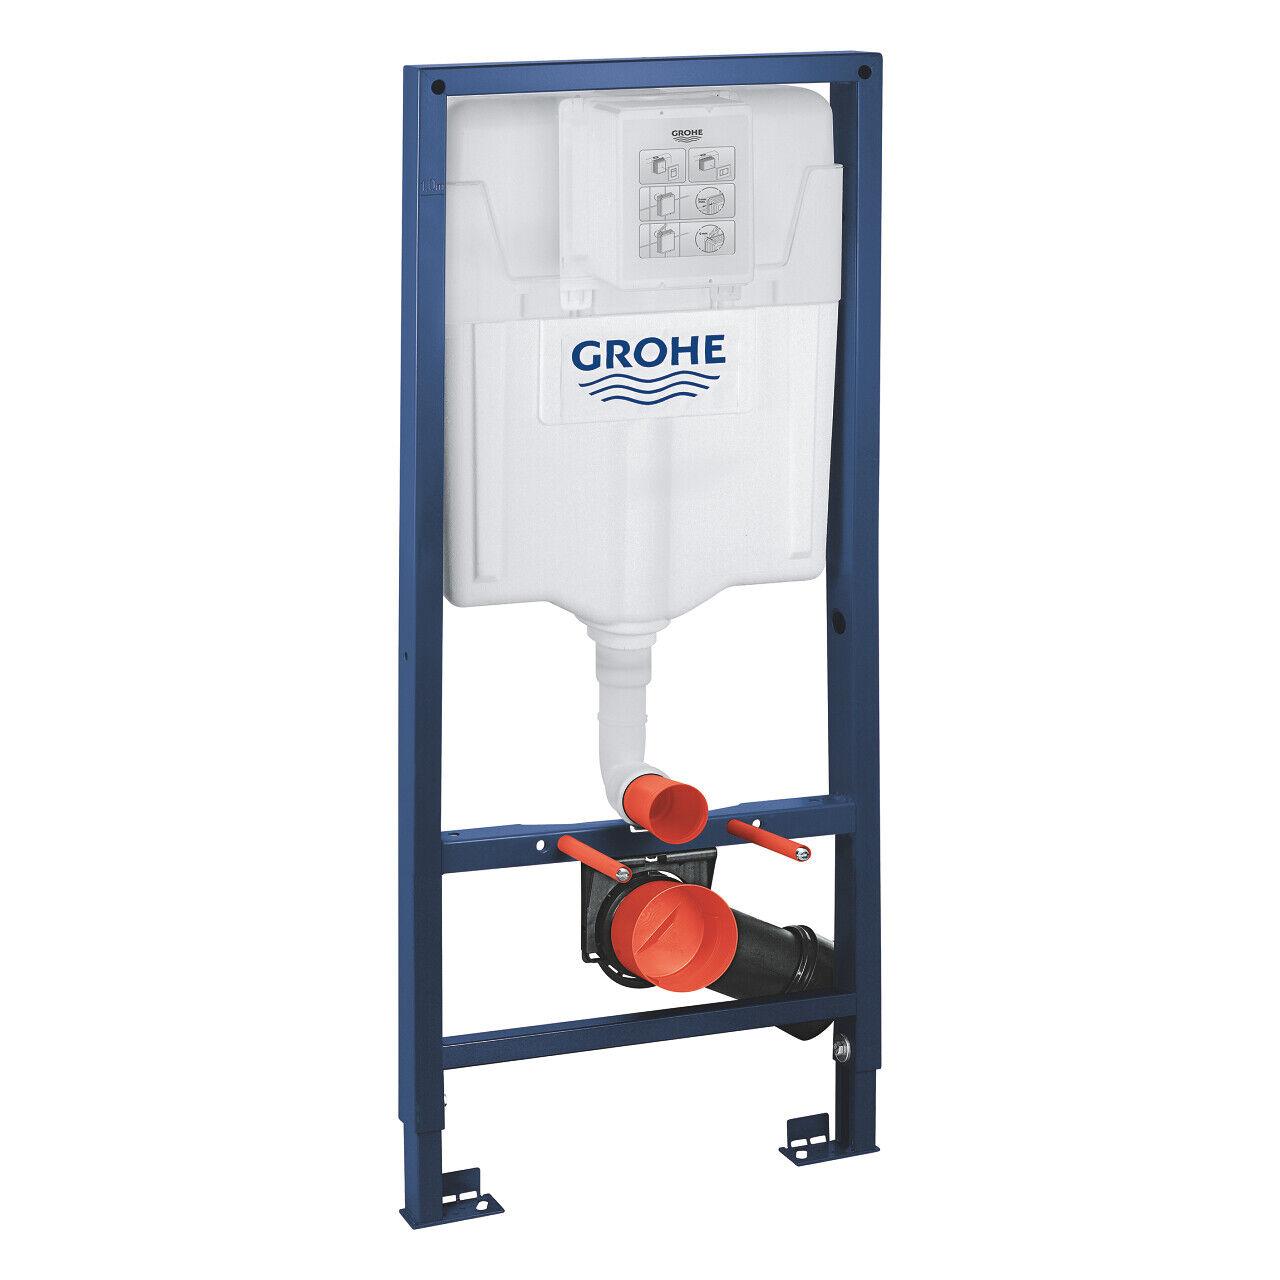 Grohe Vorwandelement Wand WC Toilette Installationssystem Rapid SL 113 cm 400 kg